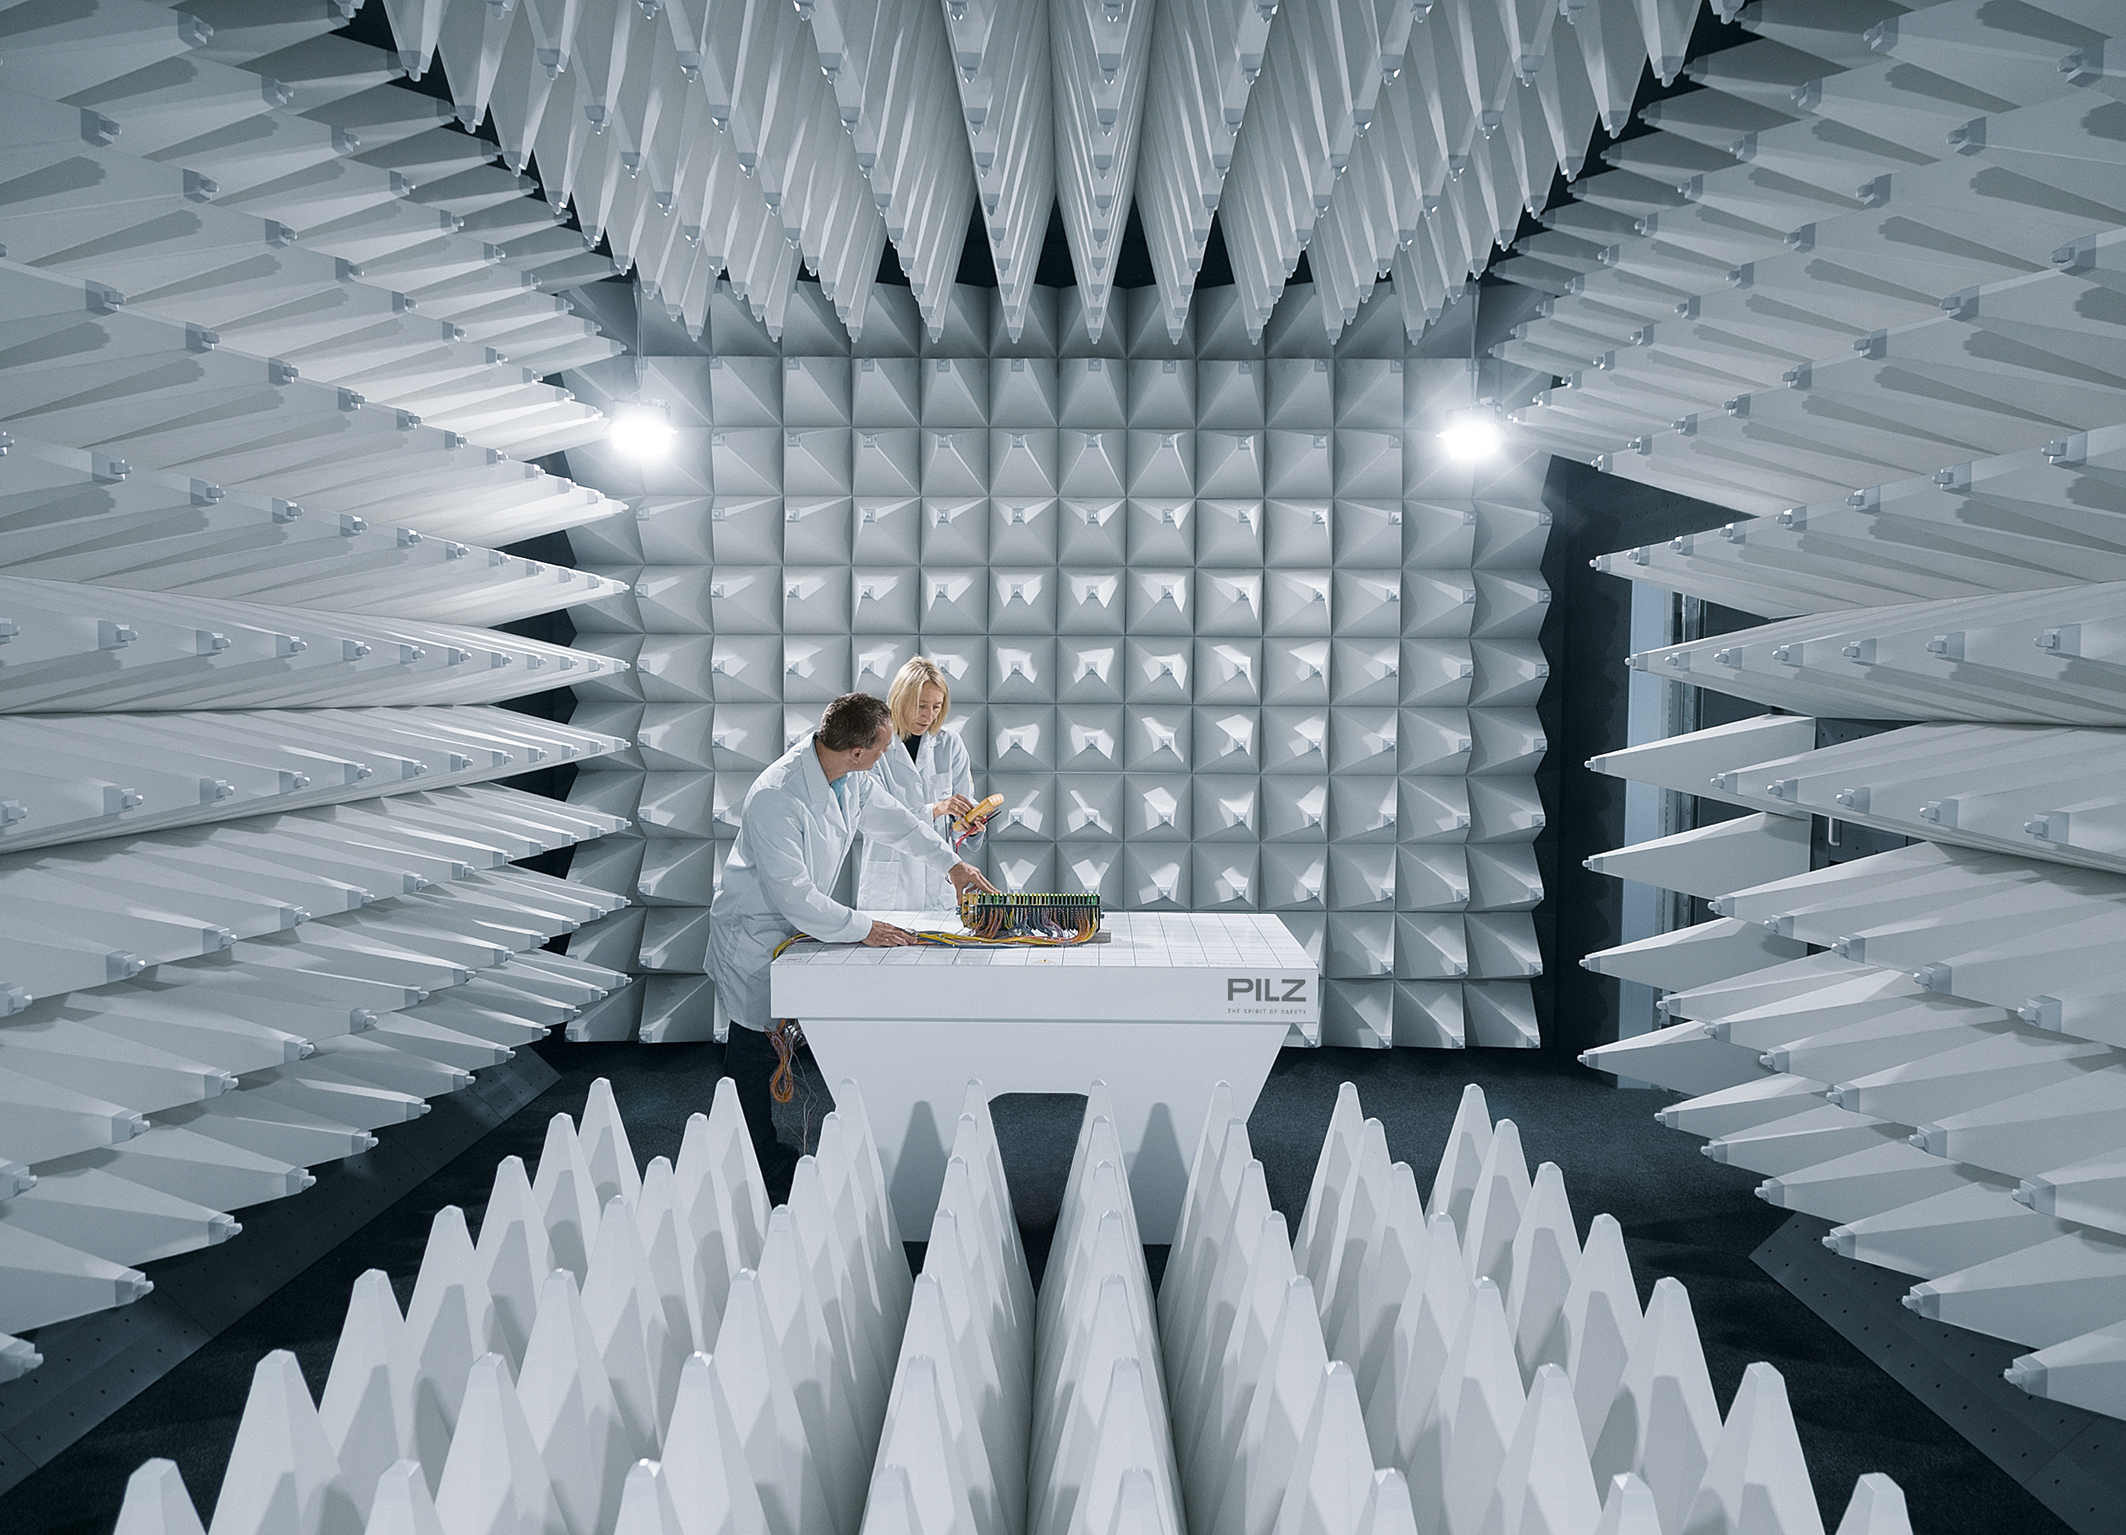 Am Stammsitz Ostfildern baut Pilz seine Forschungs- und Entwicklungsaktivitäten weiter aus. In den neuen Laborbereichen stehen zum Beispiel umfangreiche Test- und Prüfmöglichkeiten zu Verfügung, darunter ein akkreditiertes EMV-Labor für elektromagnetische Verträglichkeit.